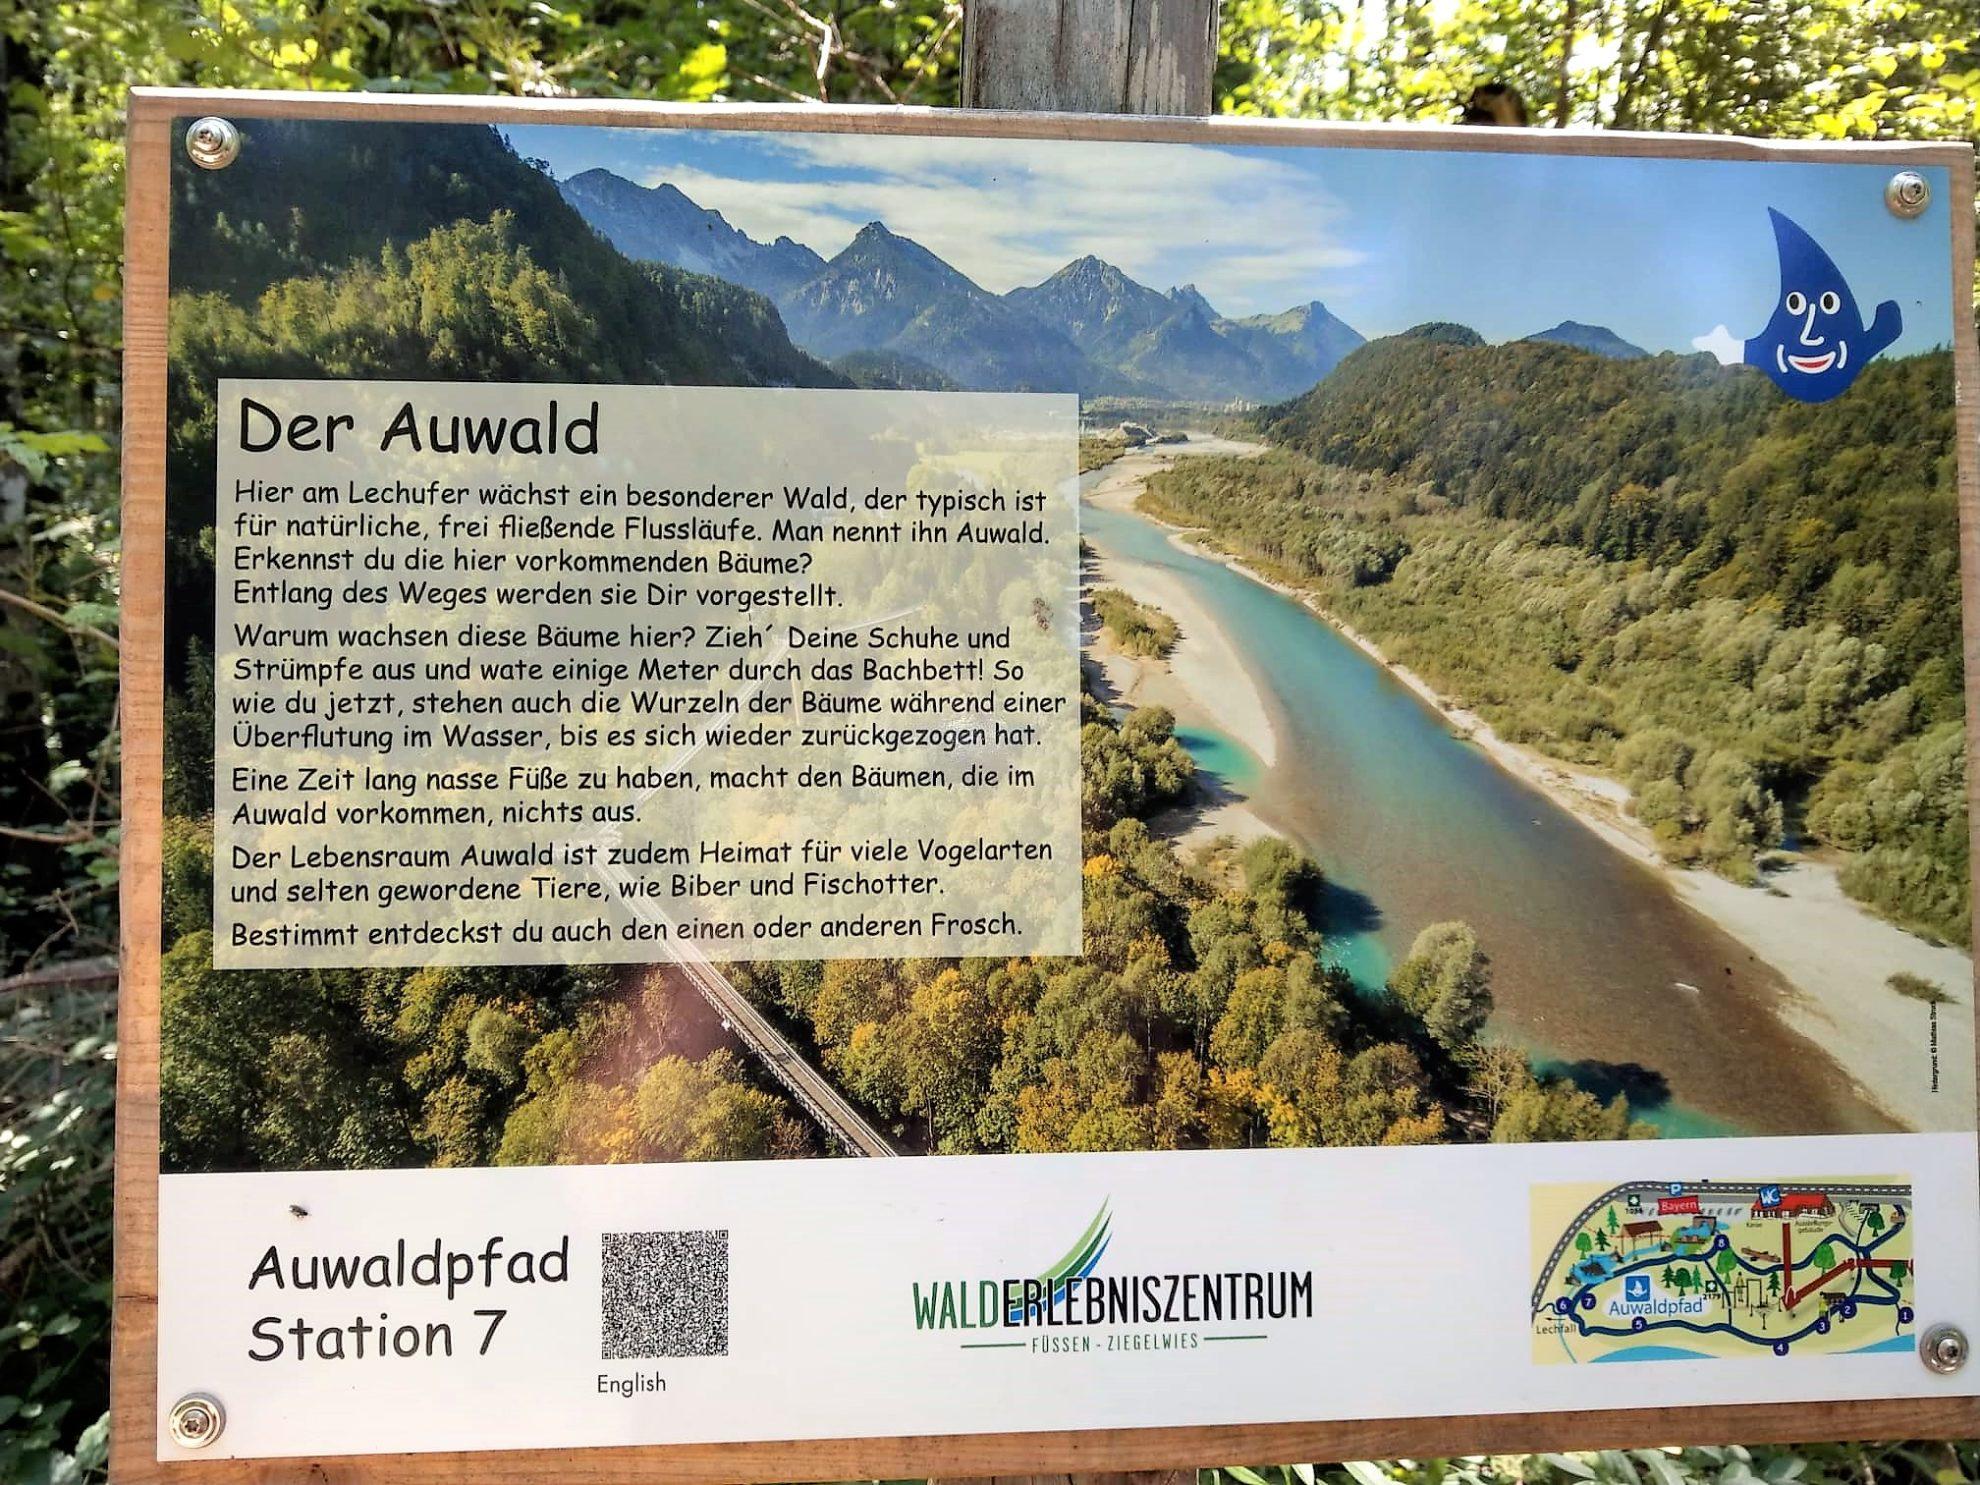 Auwaldpfad Station 7 Lech Wasser Erlebnispfad